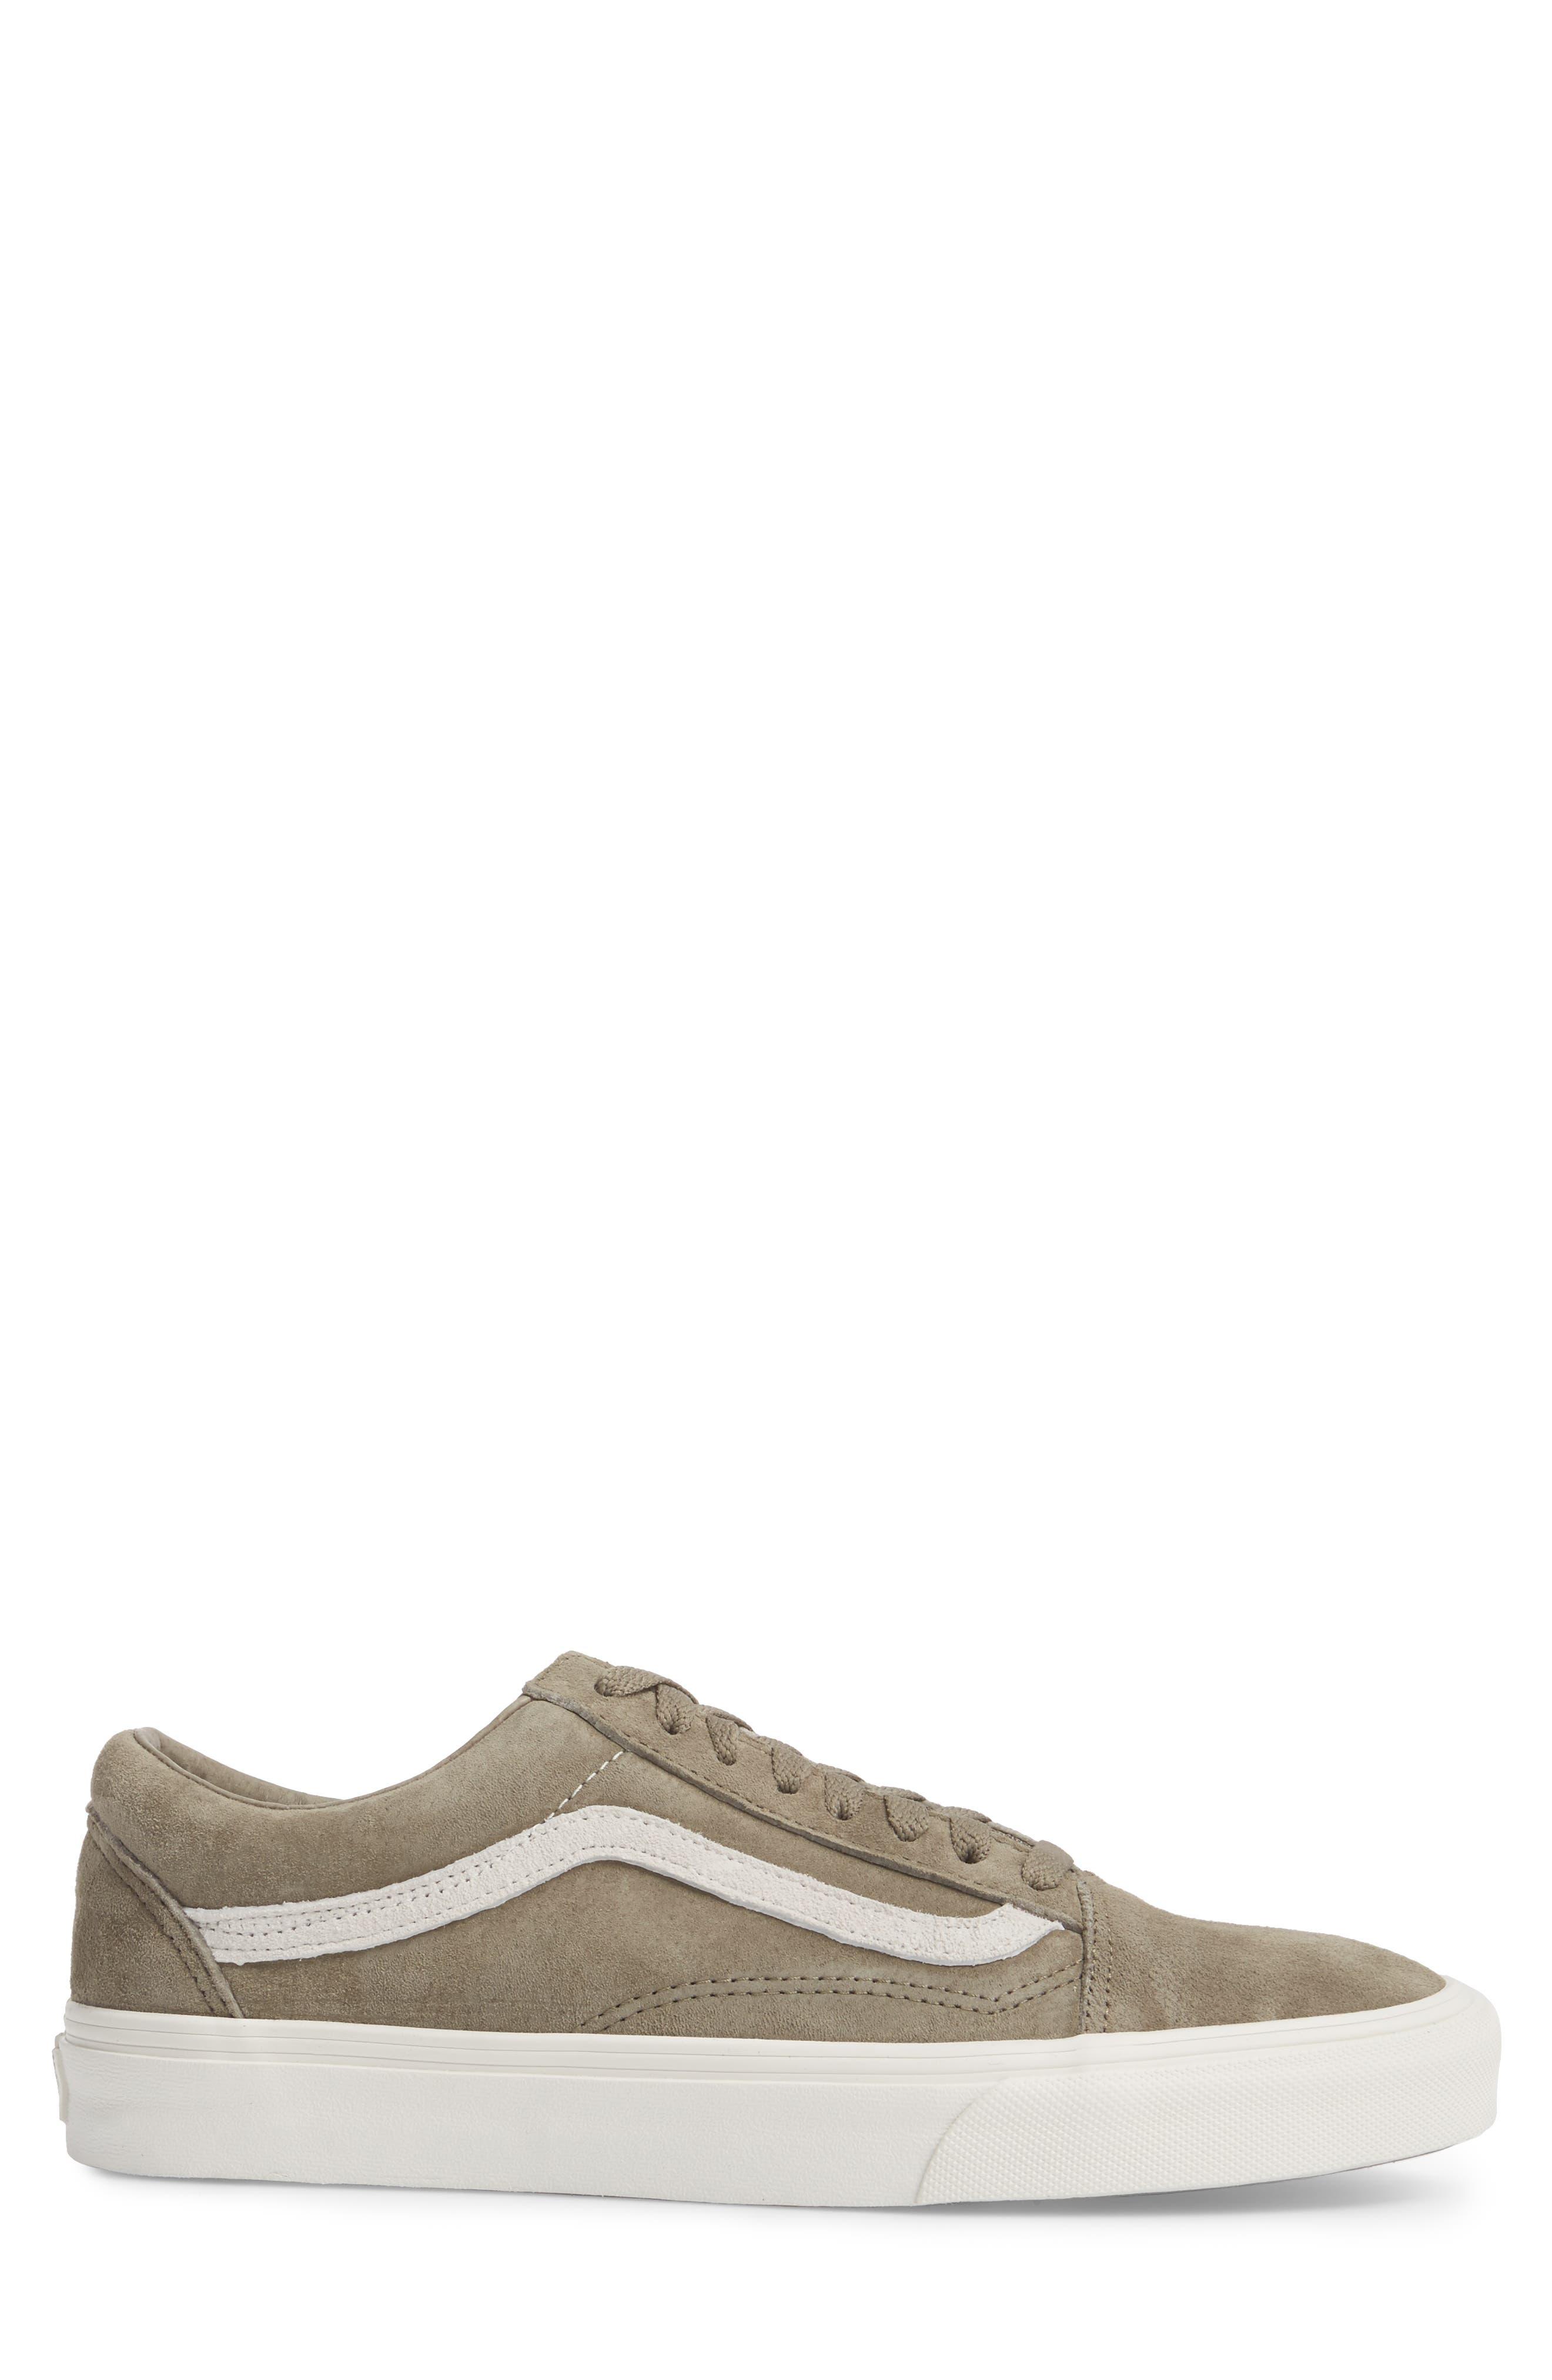 Suede Old Skool Sneaker,                             Alternate thumbnail 3, color,                             020